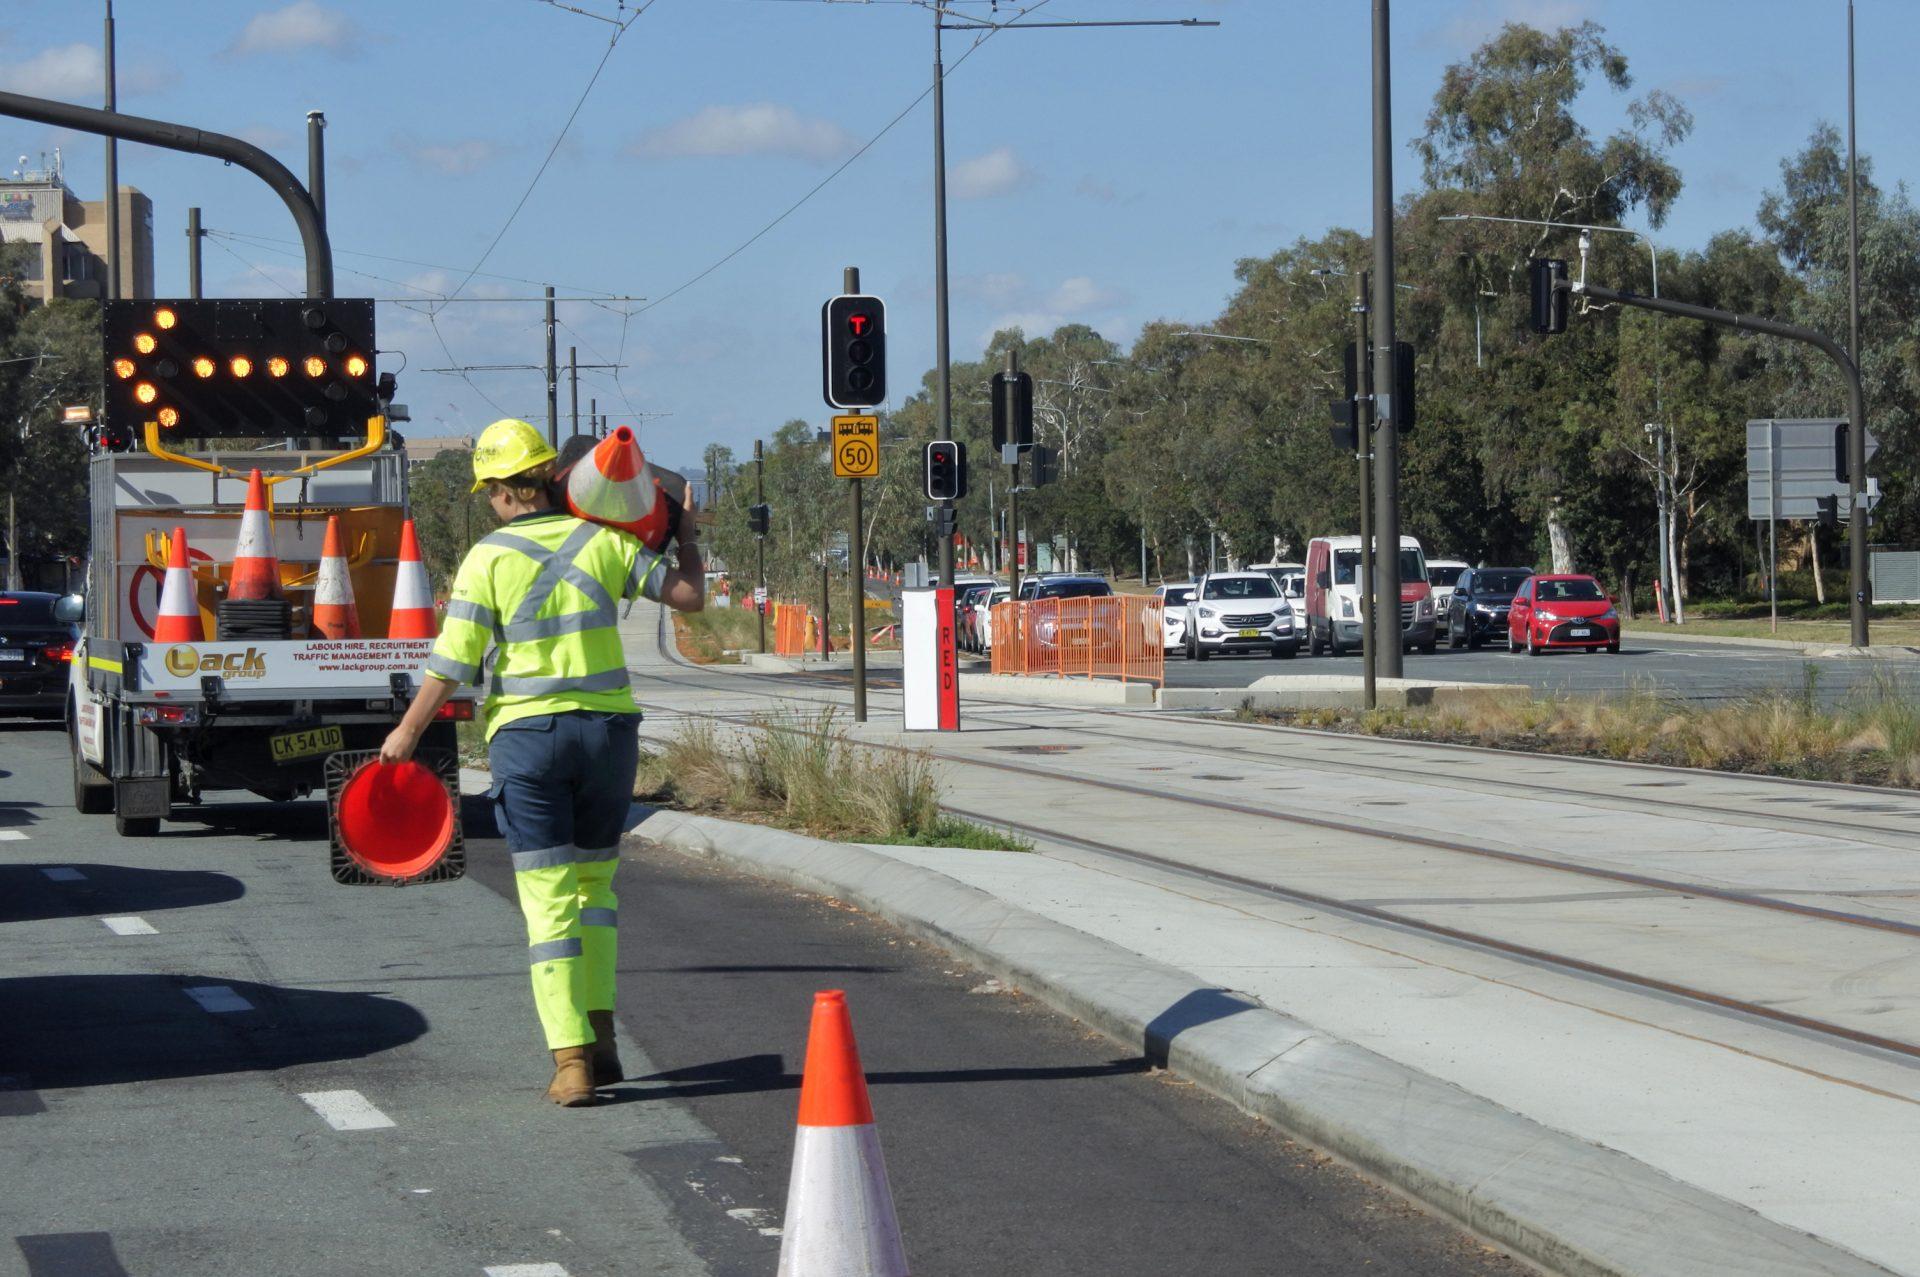 Canberra, Australia - March 01, 2019: Australian woman road worker.